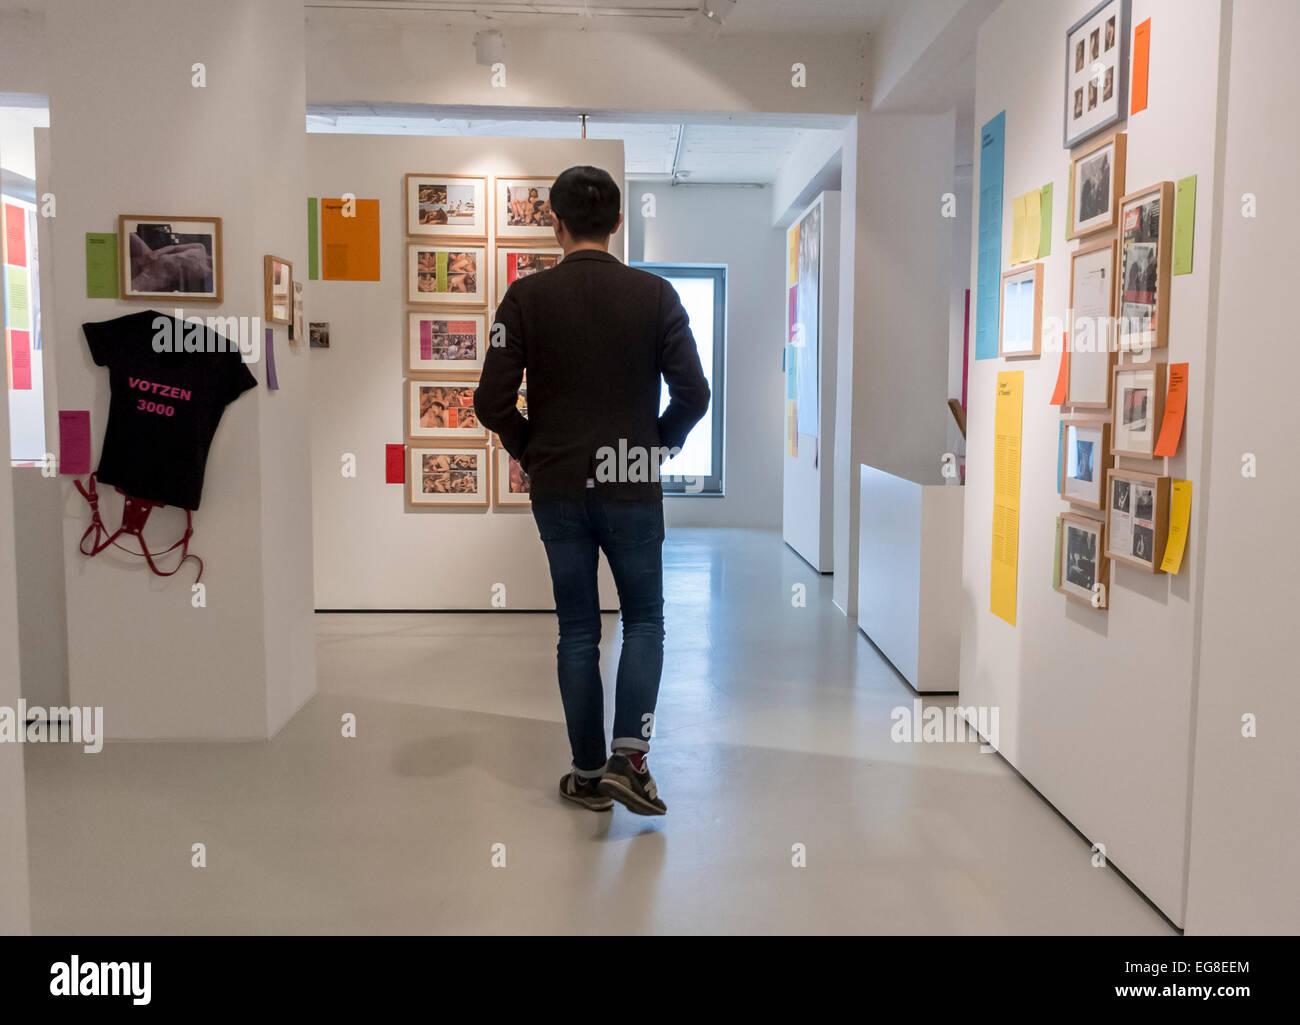 Berlino, Germania, uomo cinese, turistico a piedi, all'interno di visitare il Museo Schwules, archivi LGBT Immagini Stock